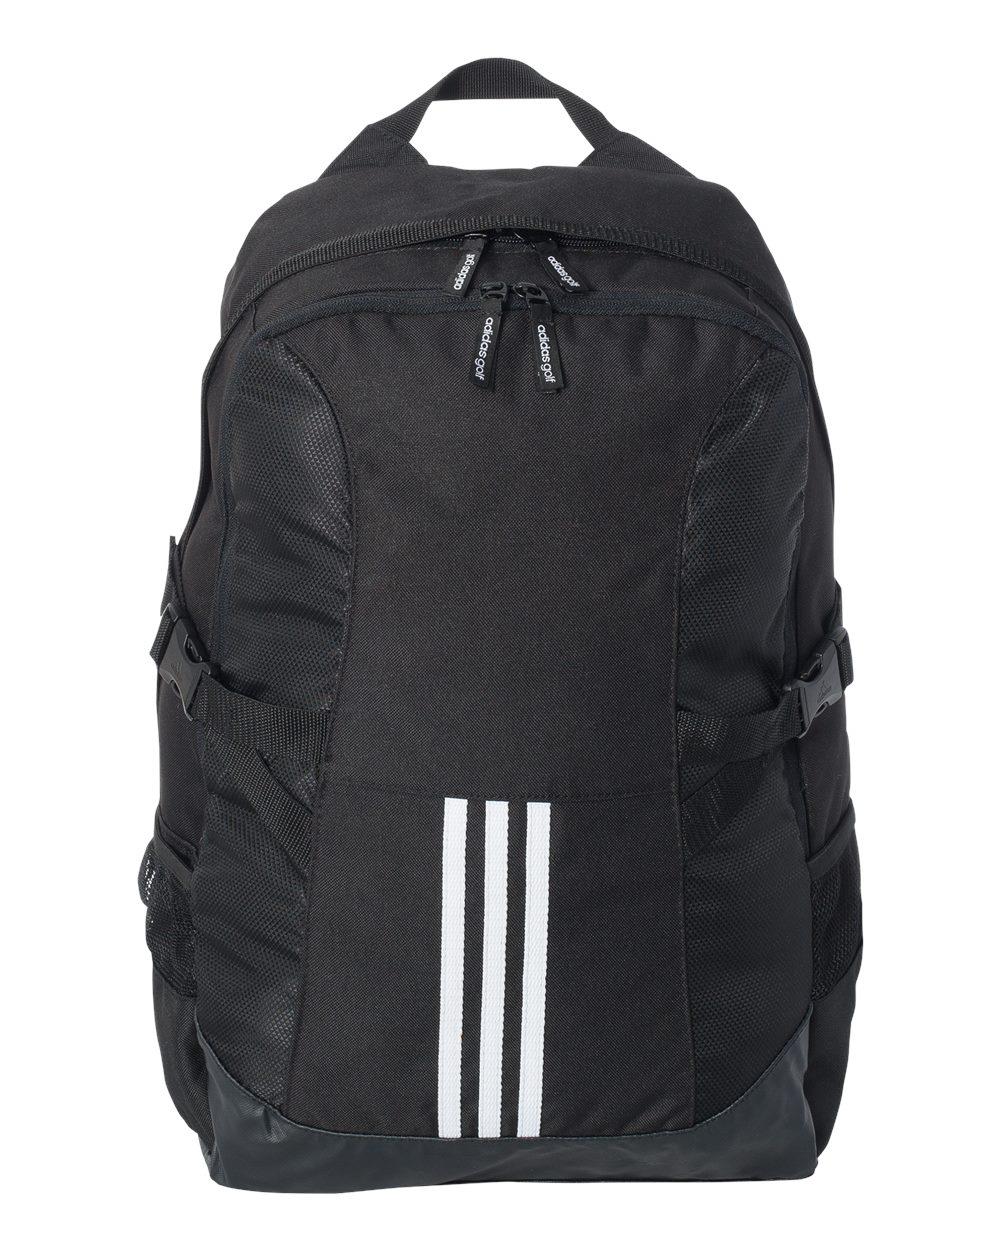 Adidas A300